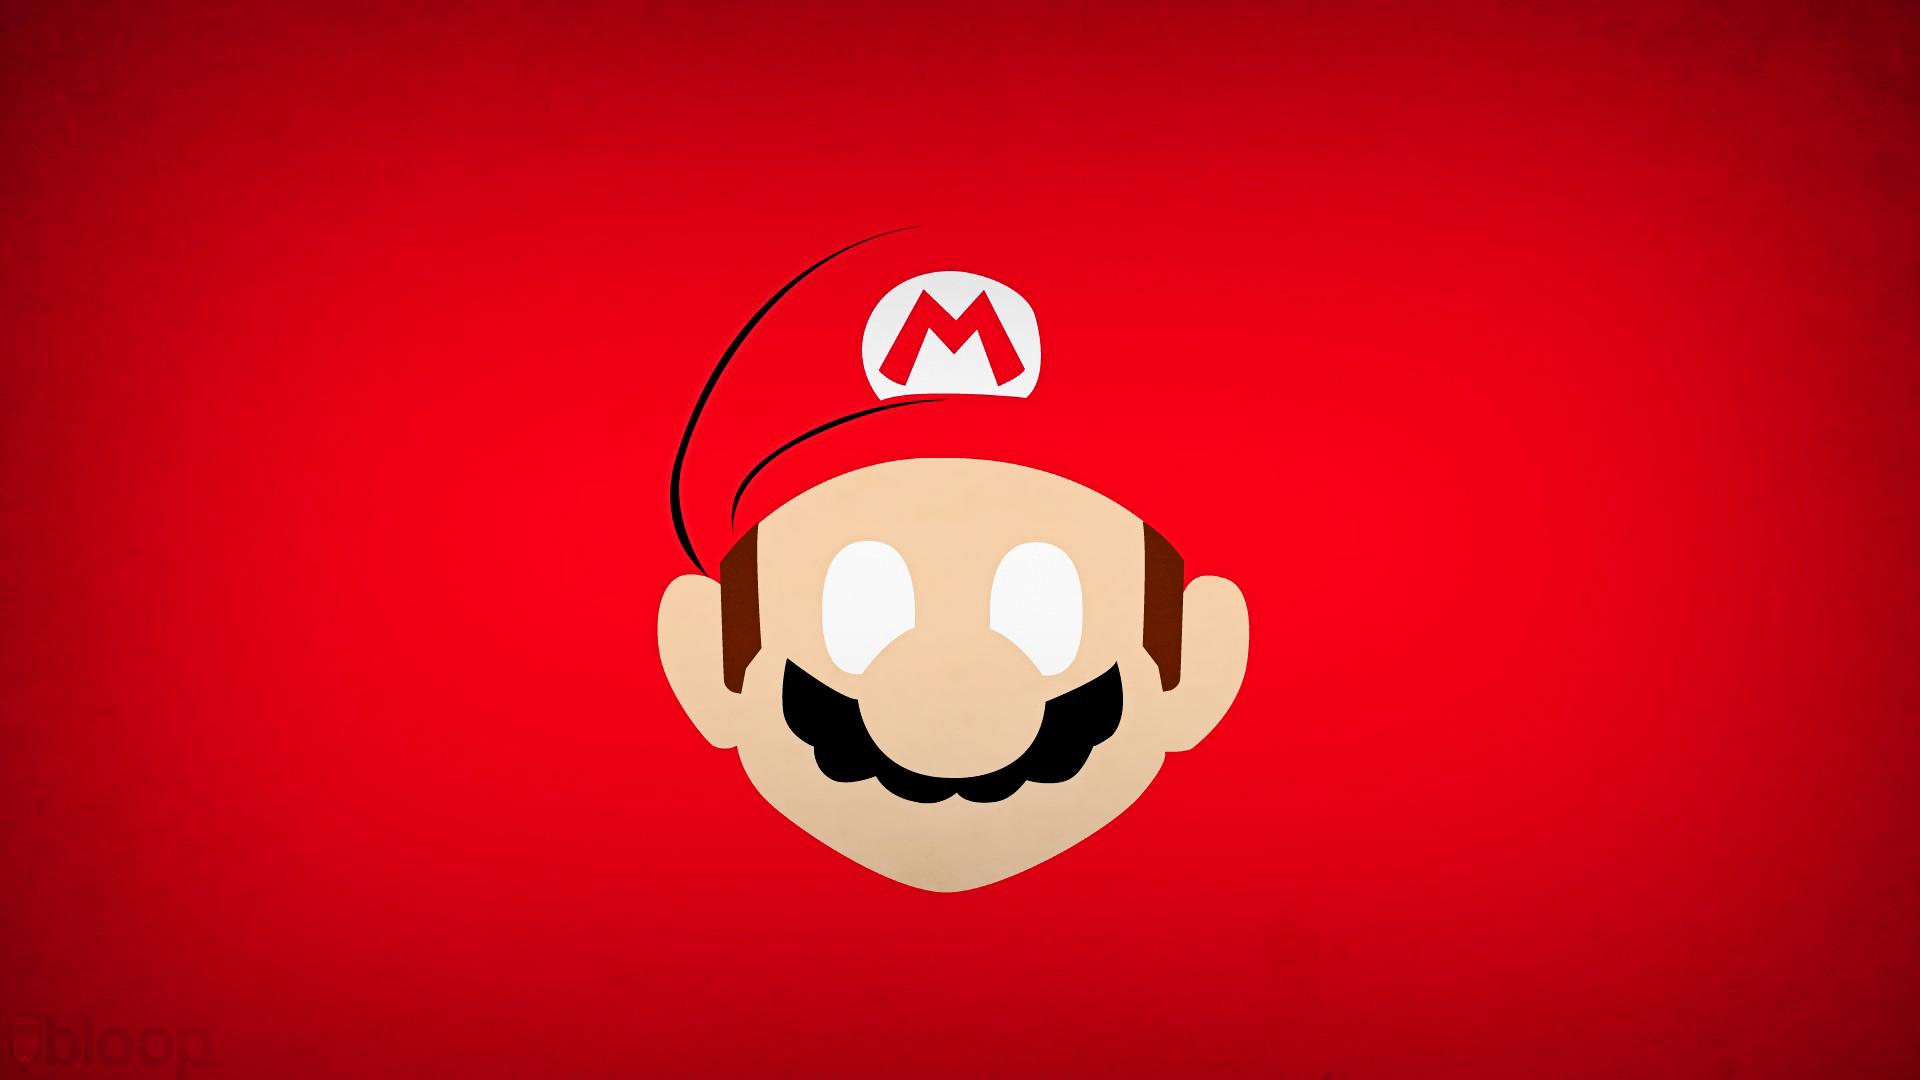 10 fond d'écran de Super Mario Bros